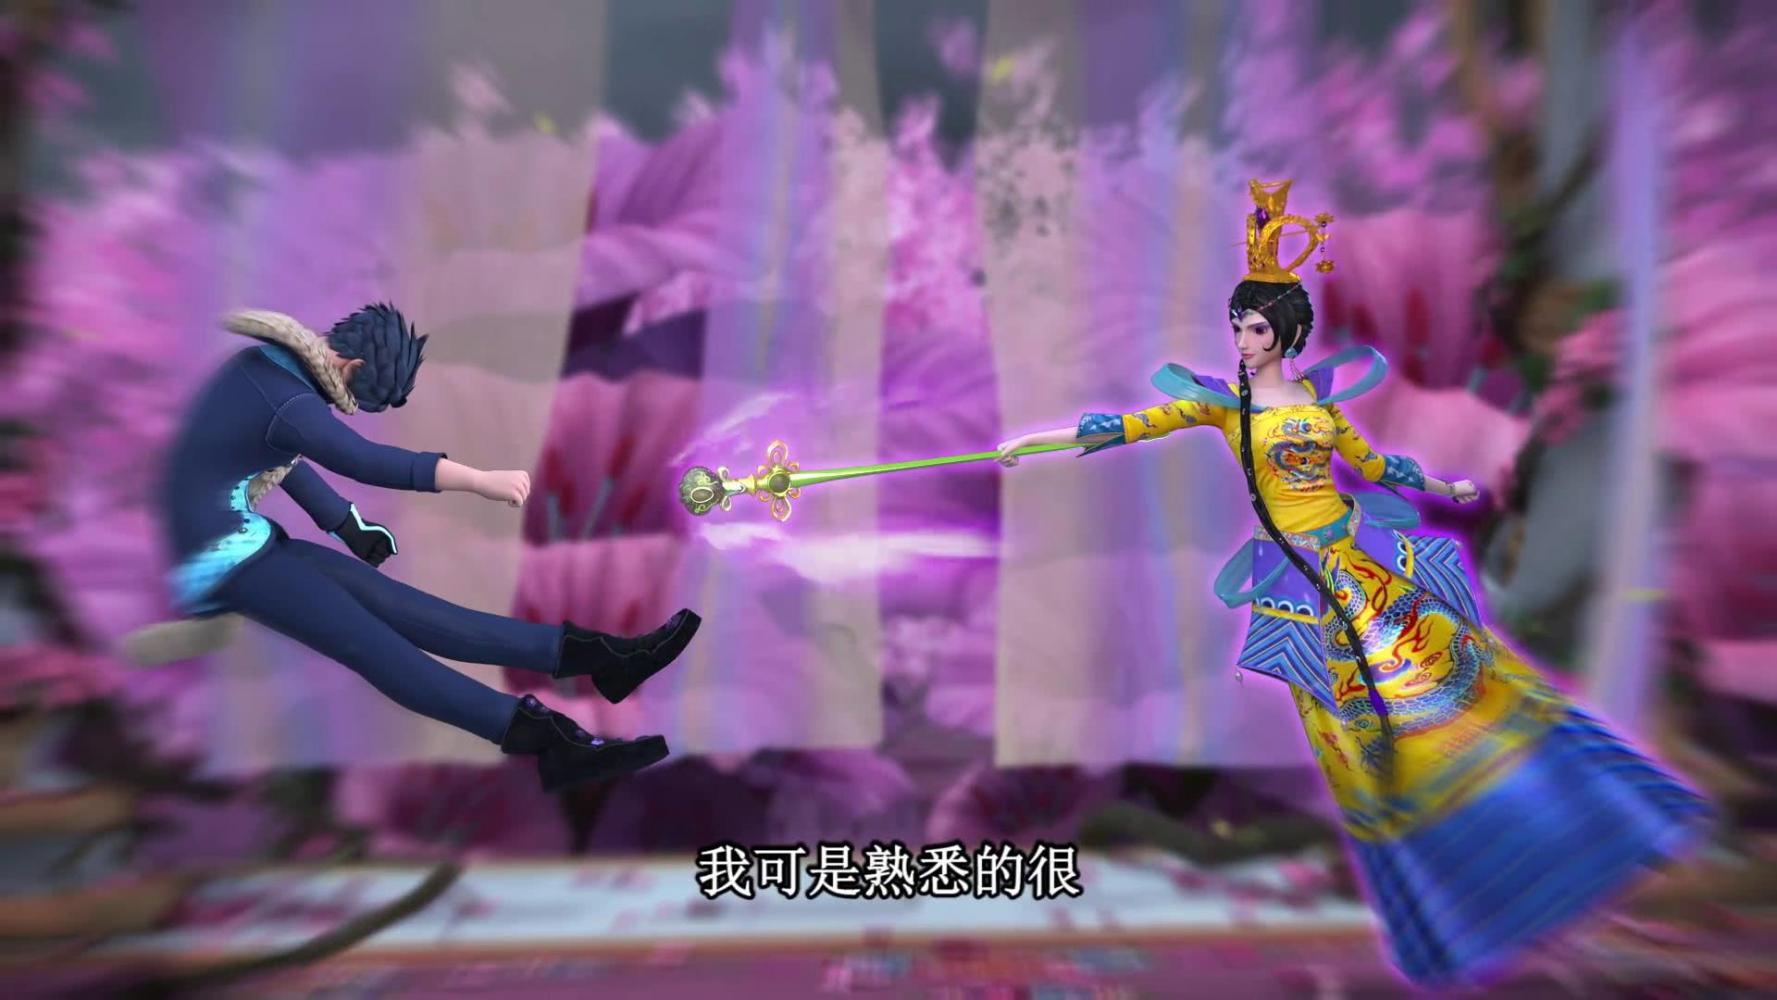 精灵梦叶罗丽: 水王子撩妹手段再次升级, 送王默水之圣衣!图片